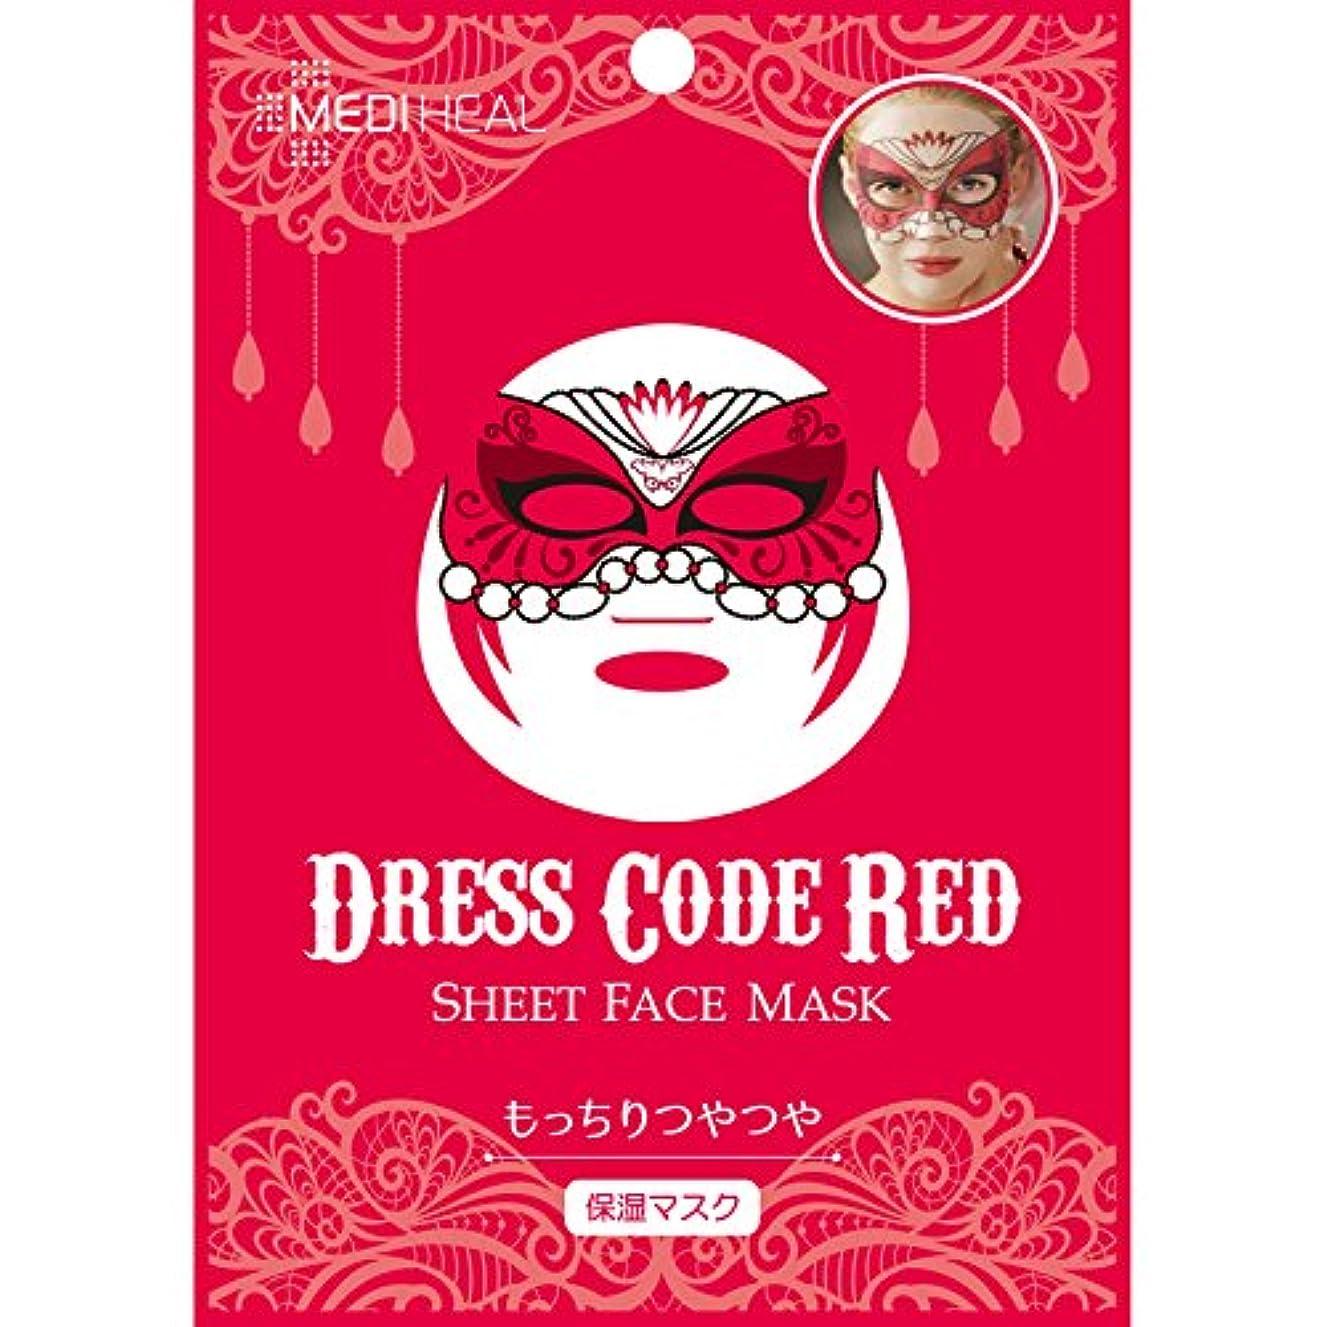 会員看板ロックメディヒル フェイスマスク ドレスコードレッド (27ML/1シート)